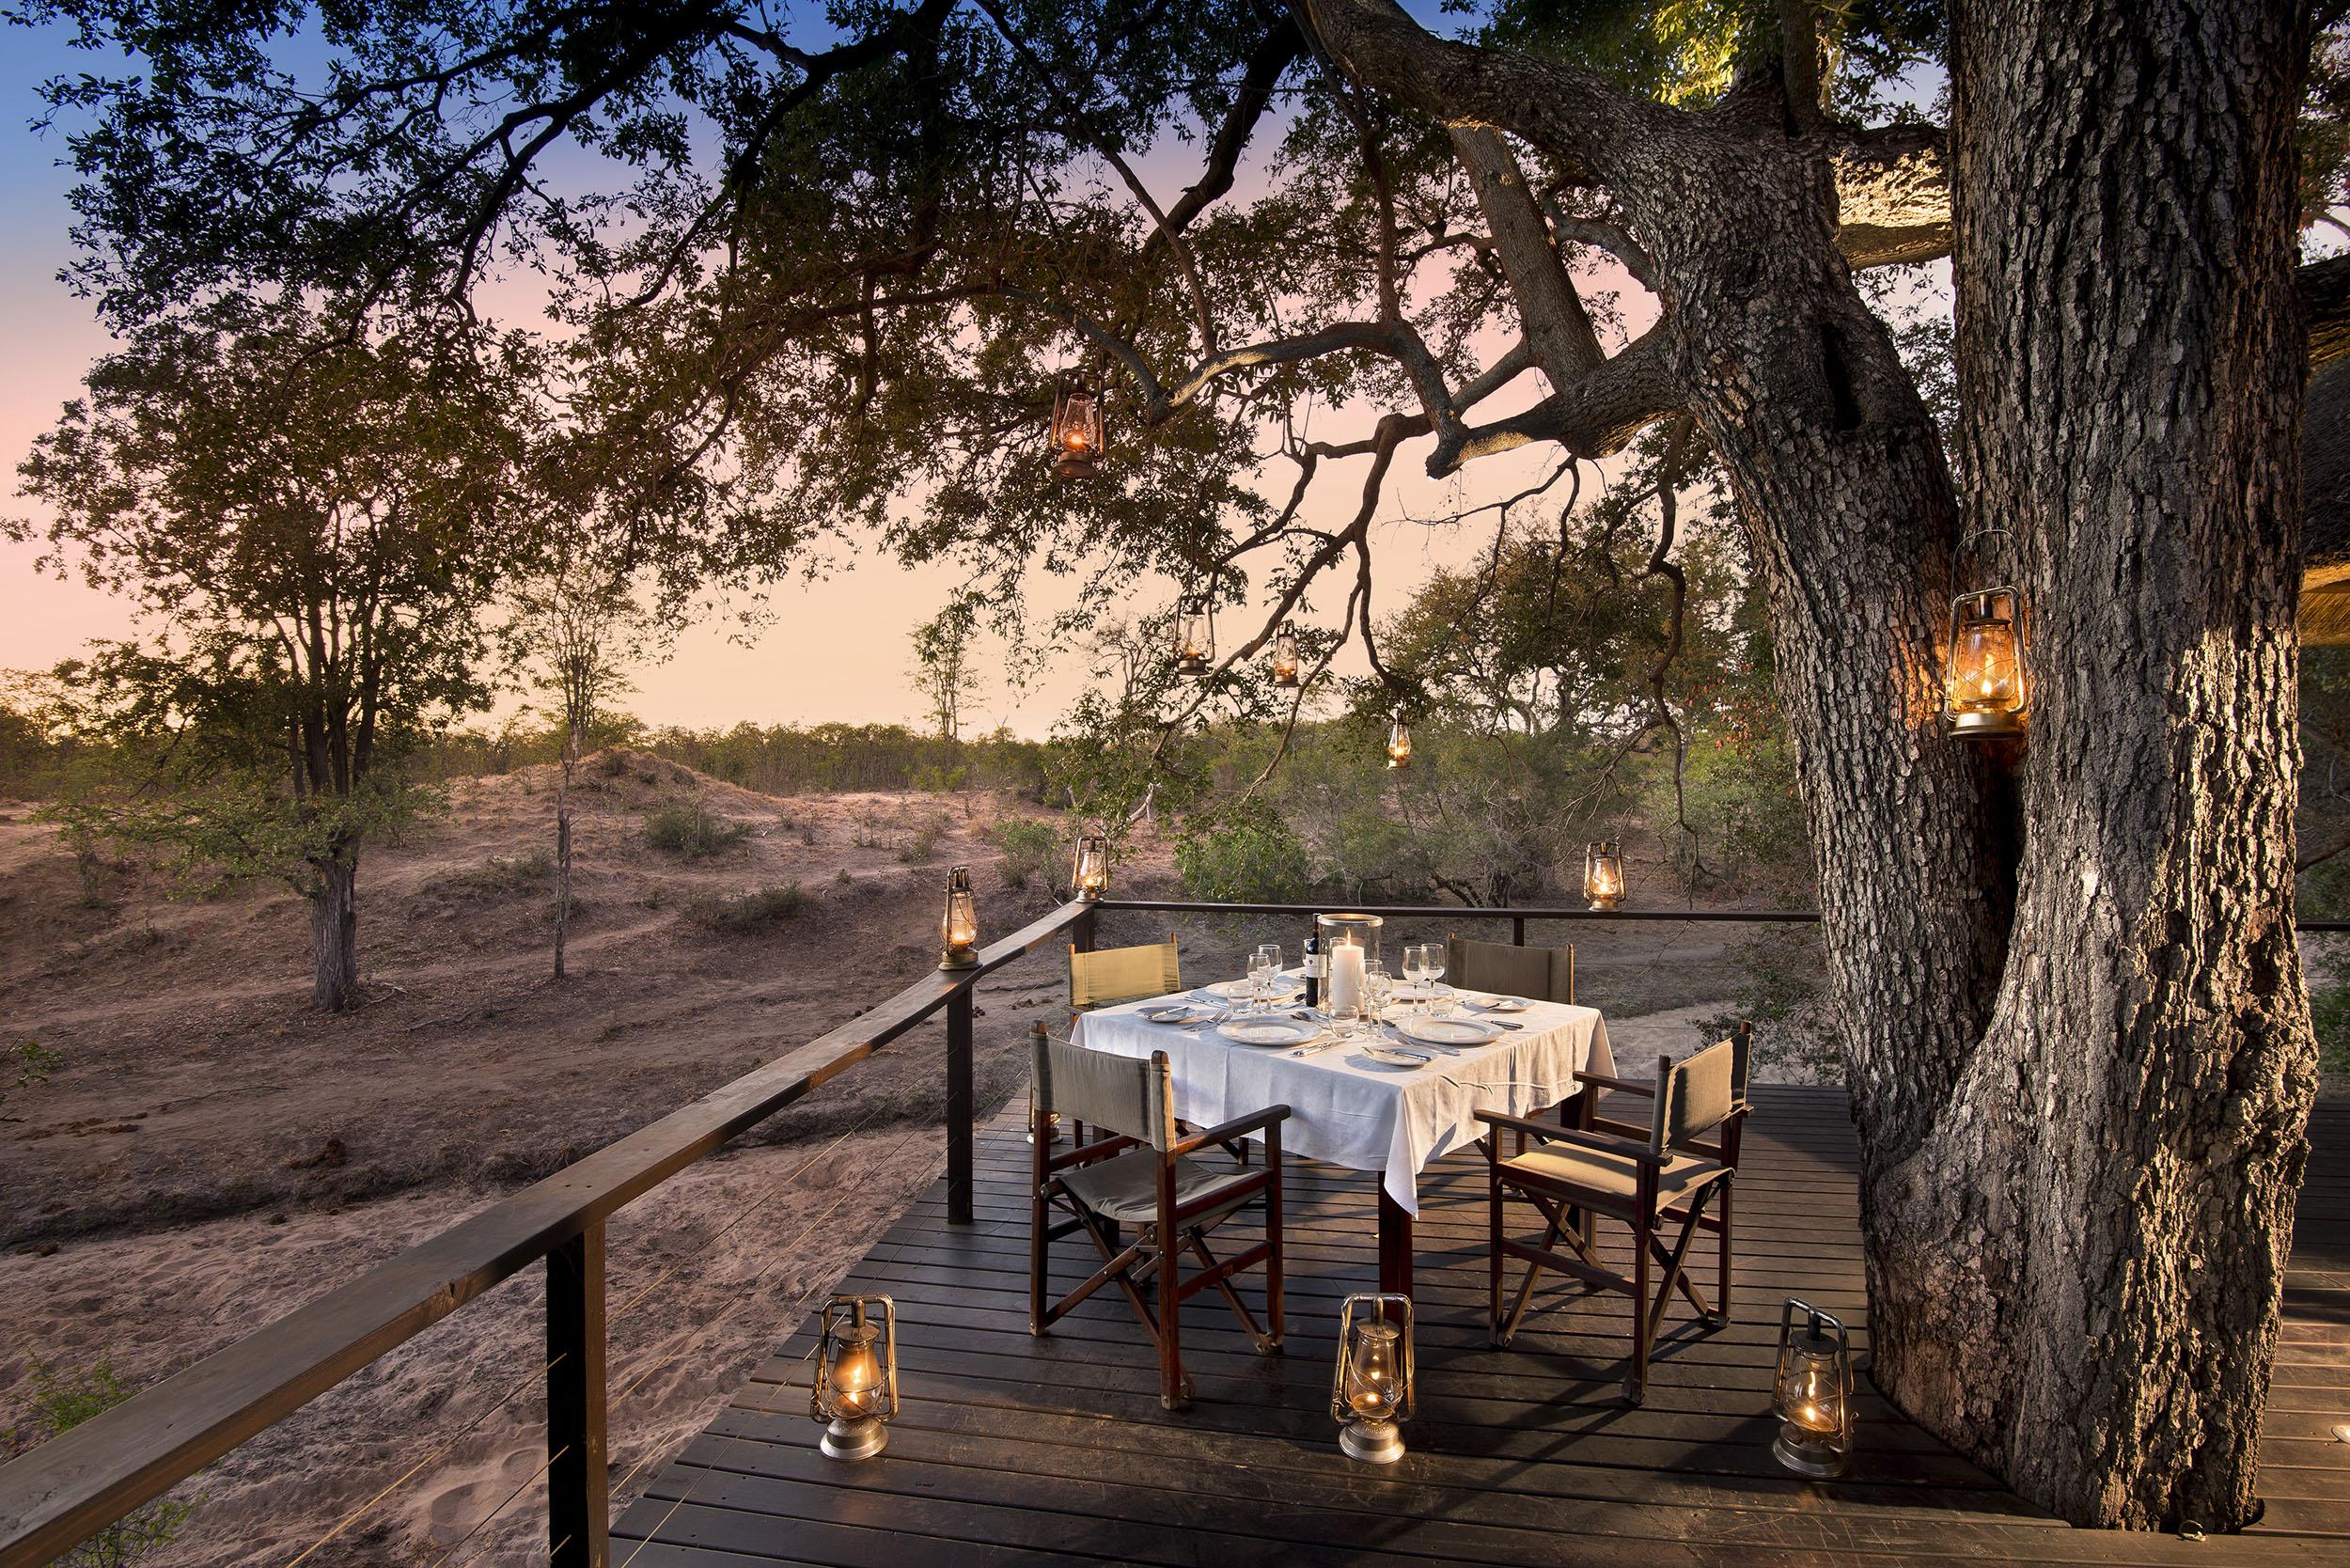 andBeyond-Ngala-Safari-Lodge-Family-Suite-Interior.jpg